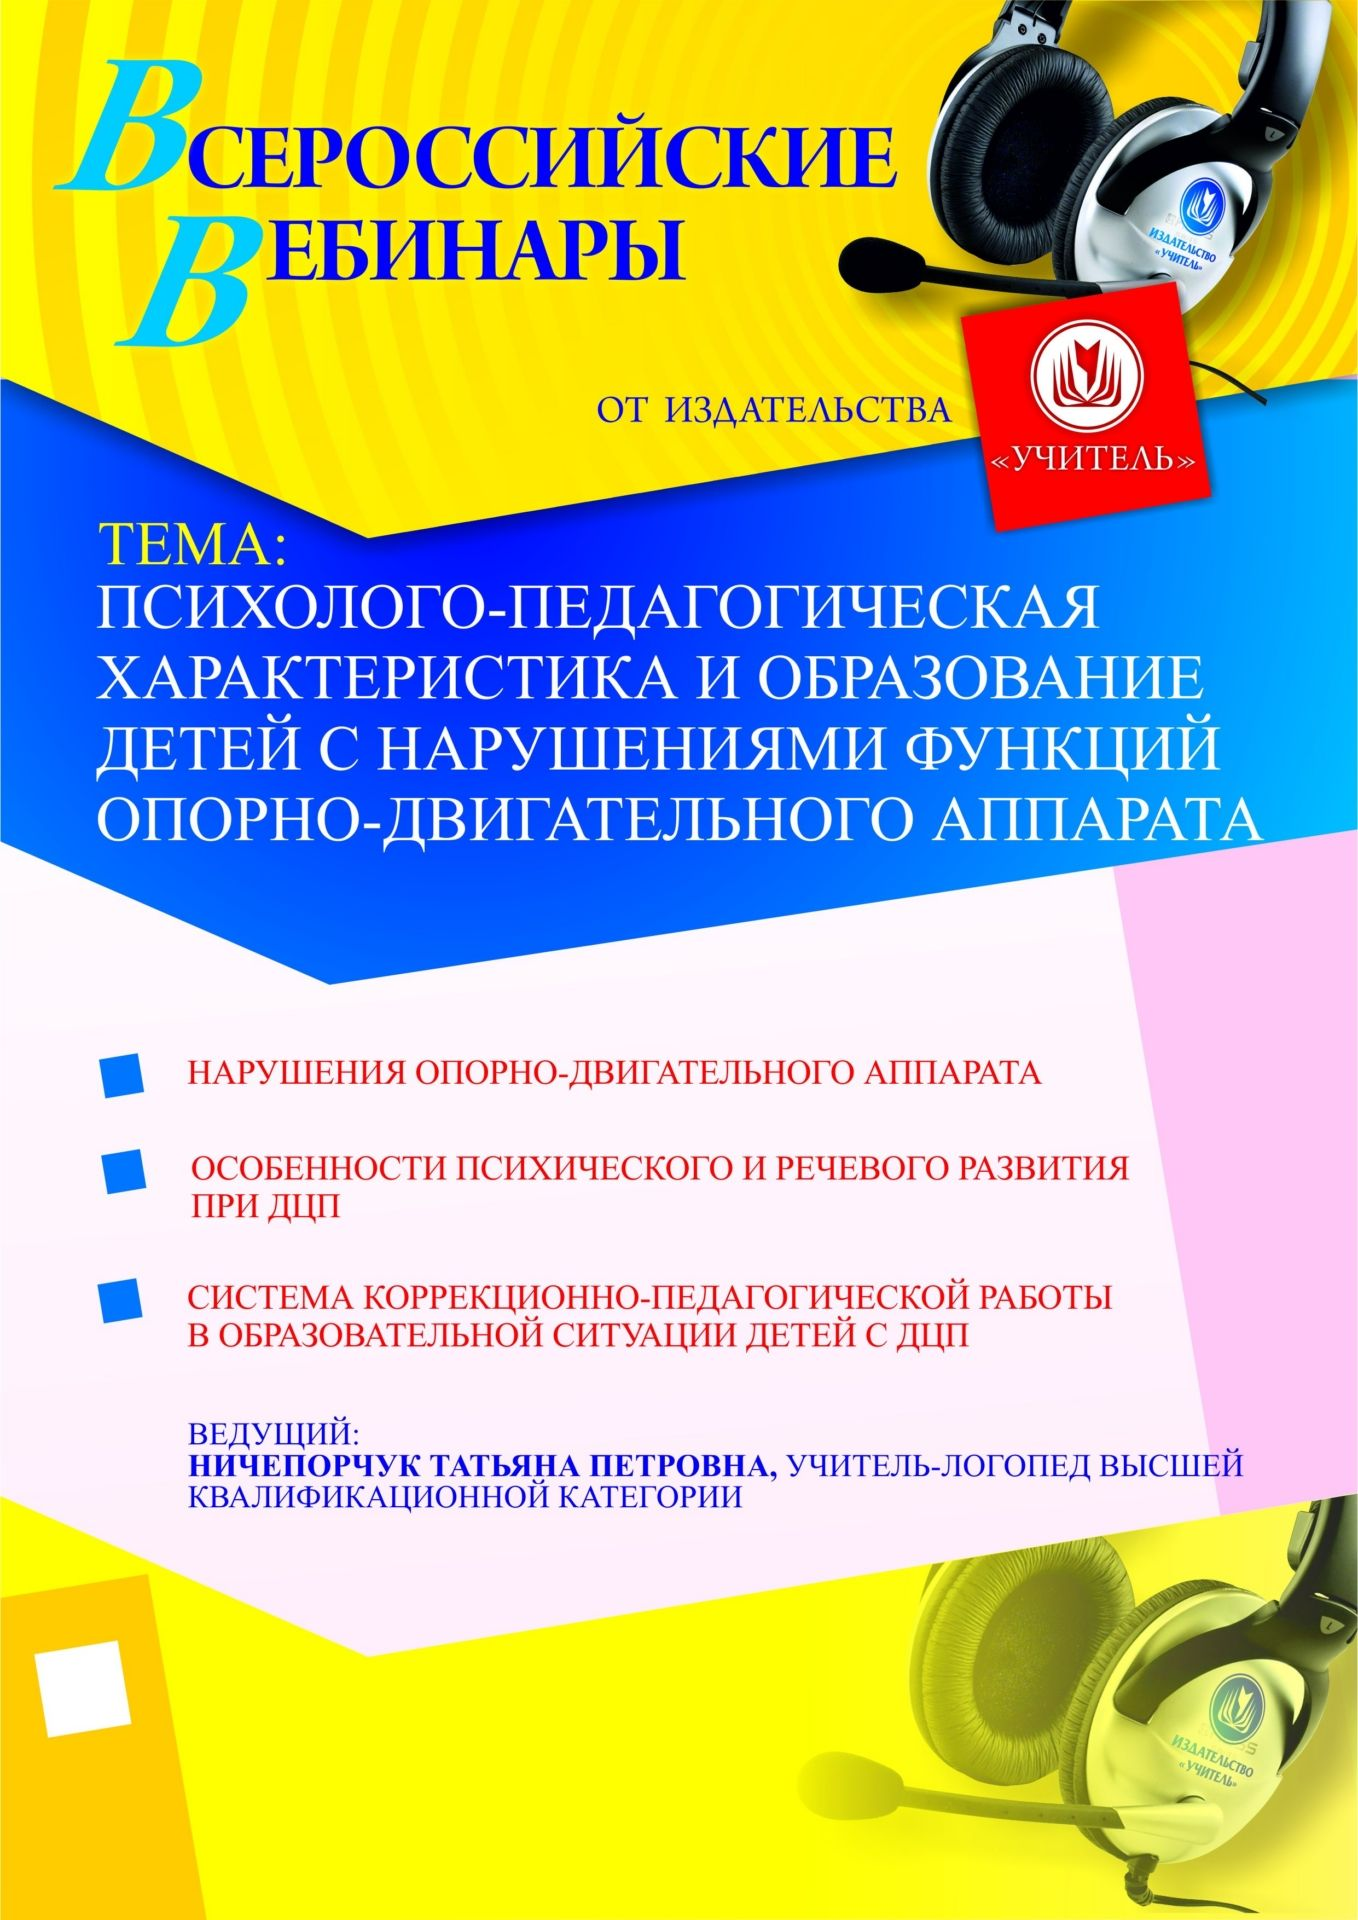 Психолого-педагогическая характеристика и образование детей с нарушениями функций опорно-двигательного аппарата фото